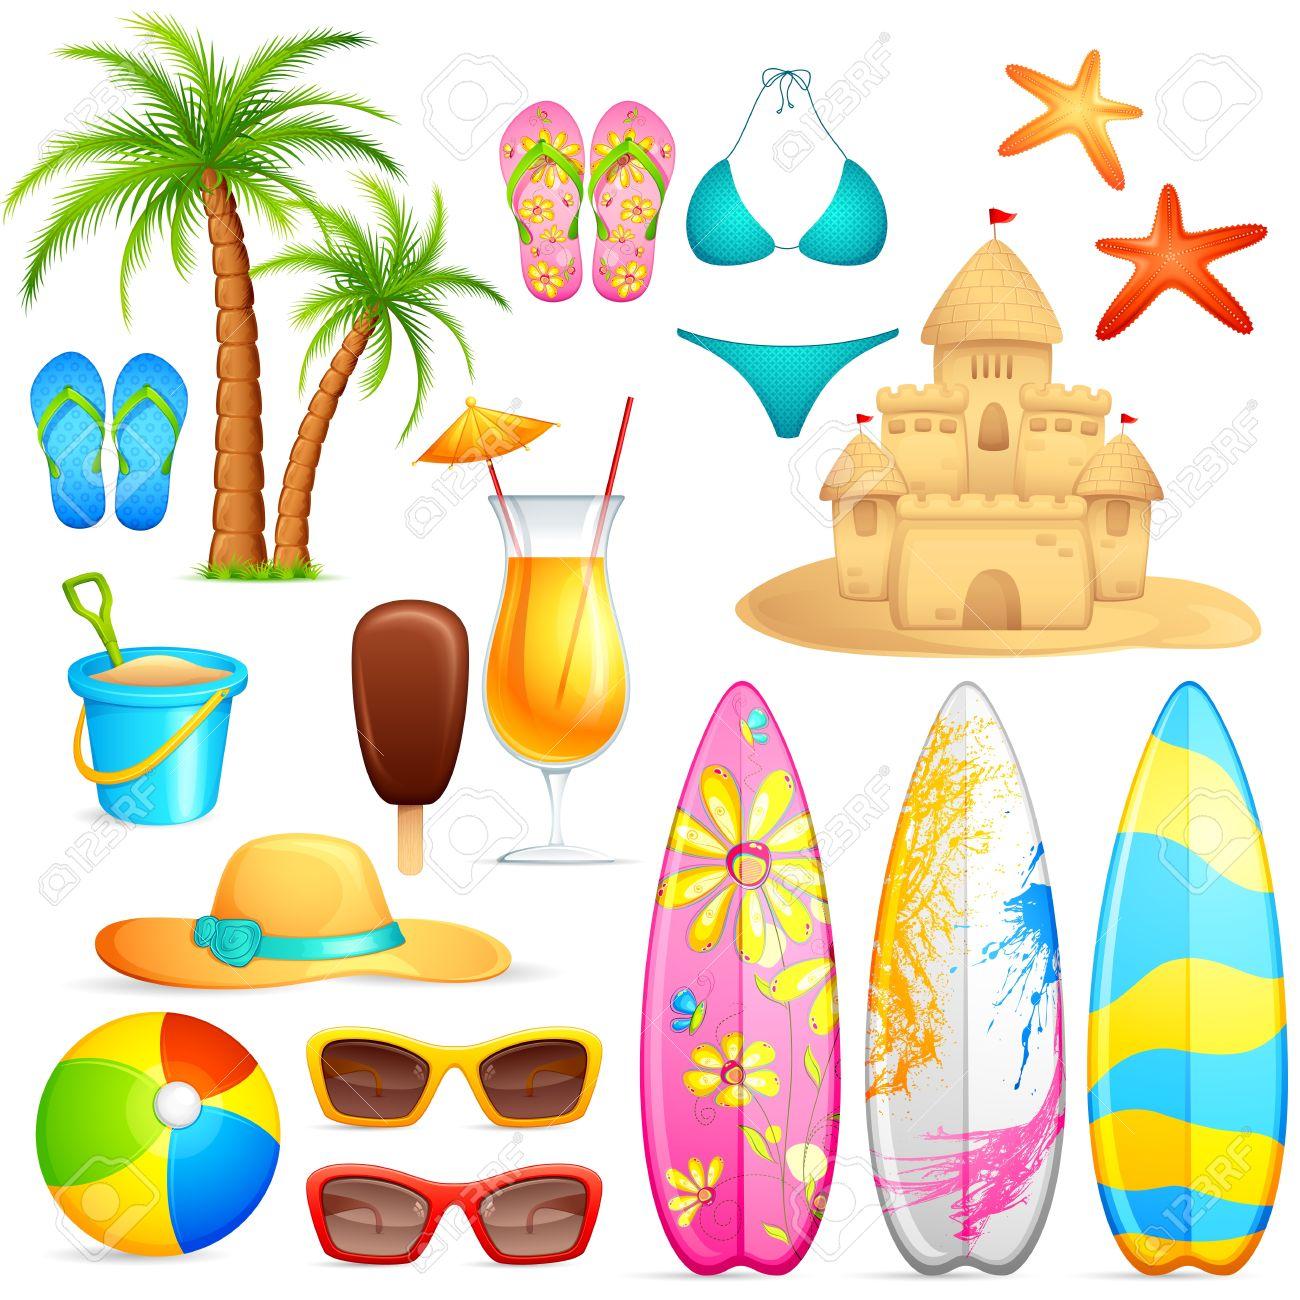 ilustración vectorial de objetos playa de mar sobre fondo blanco